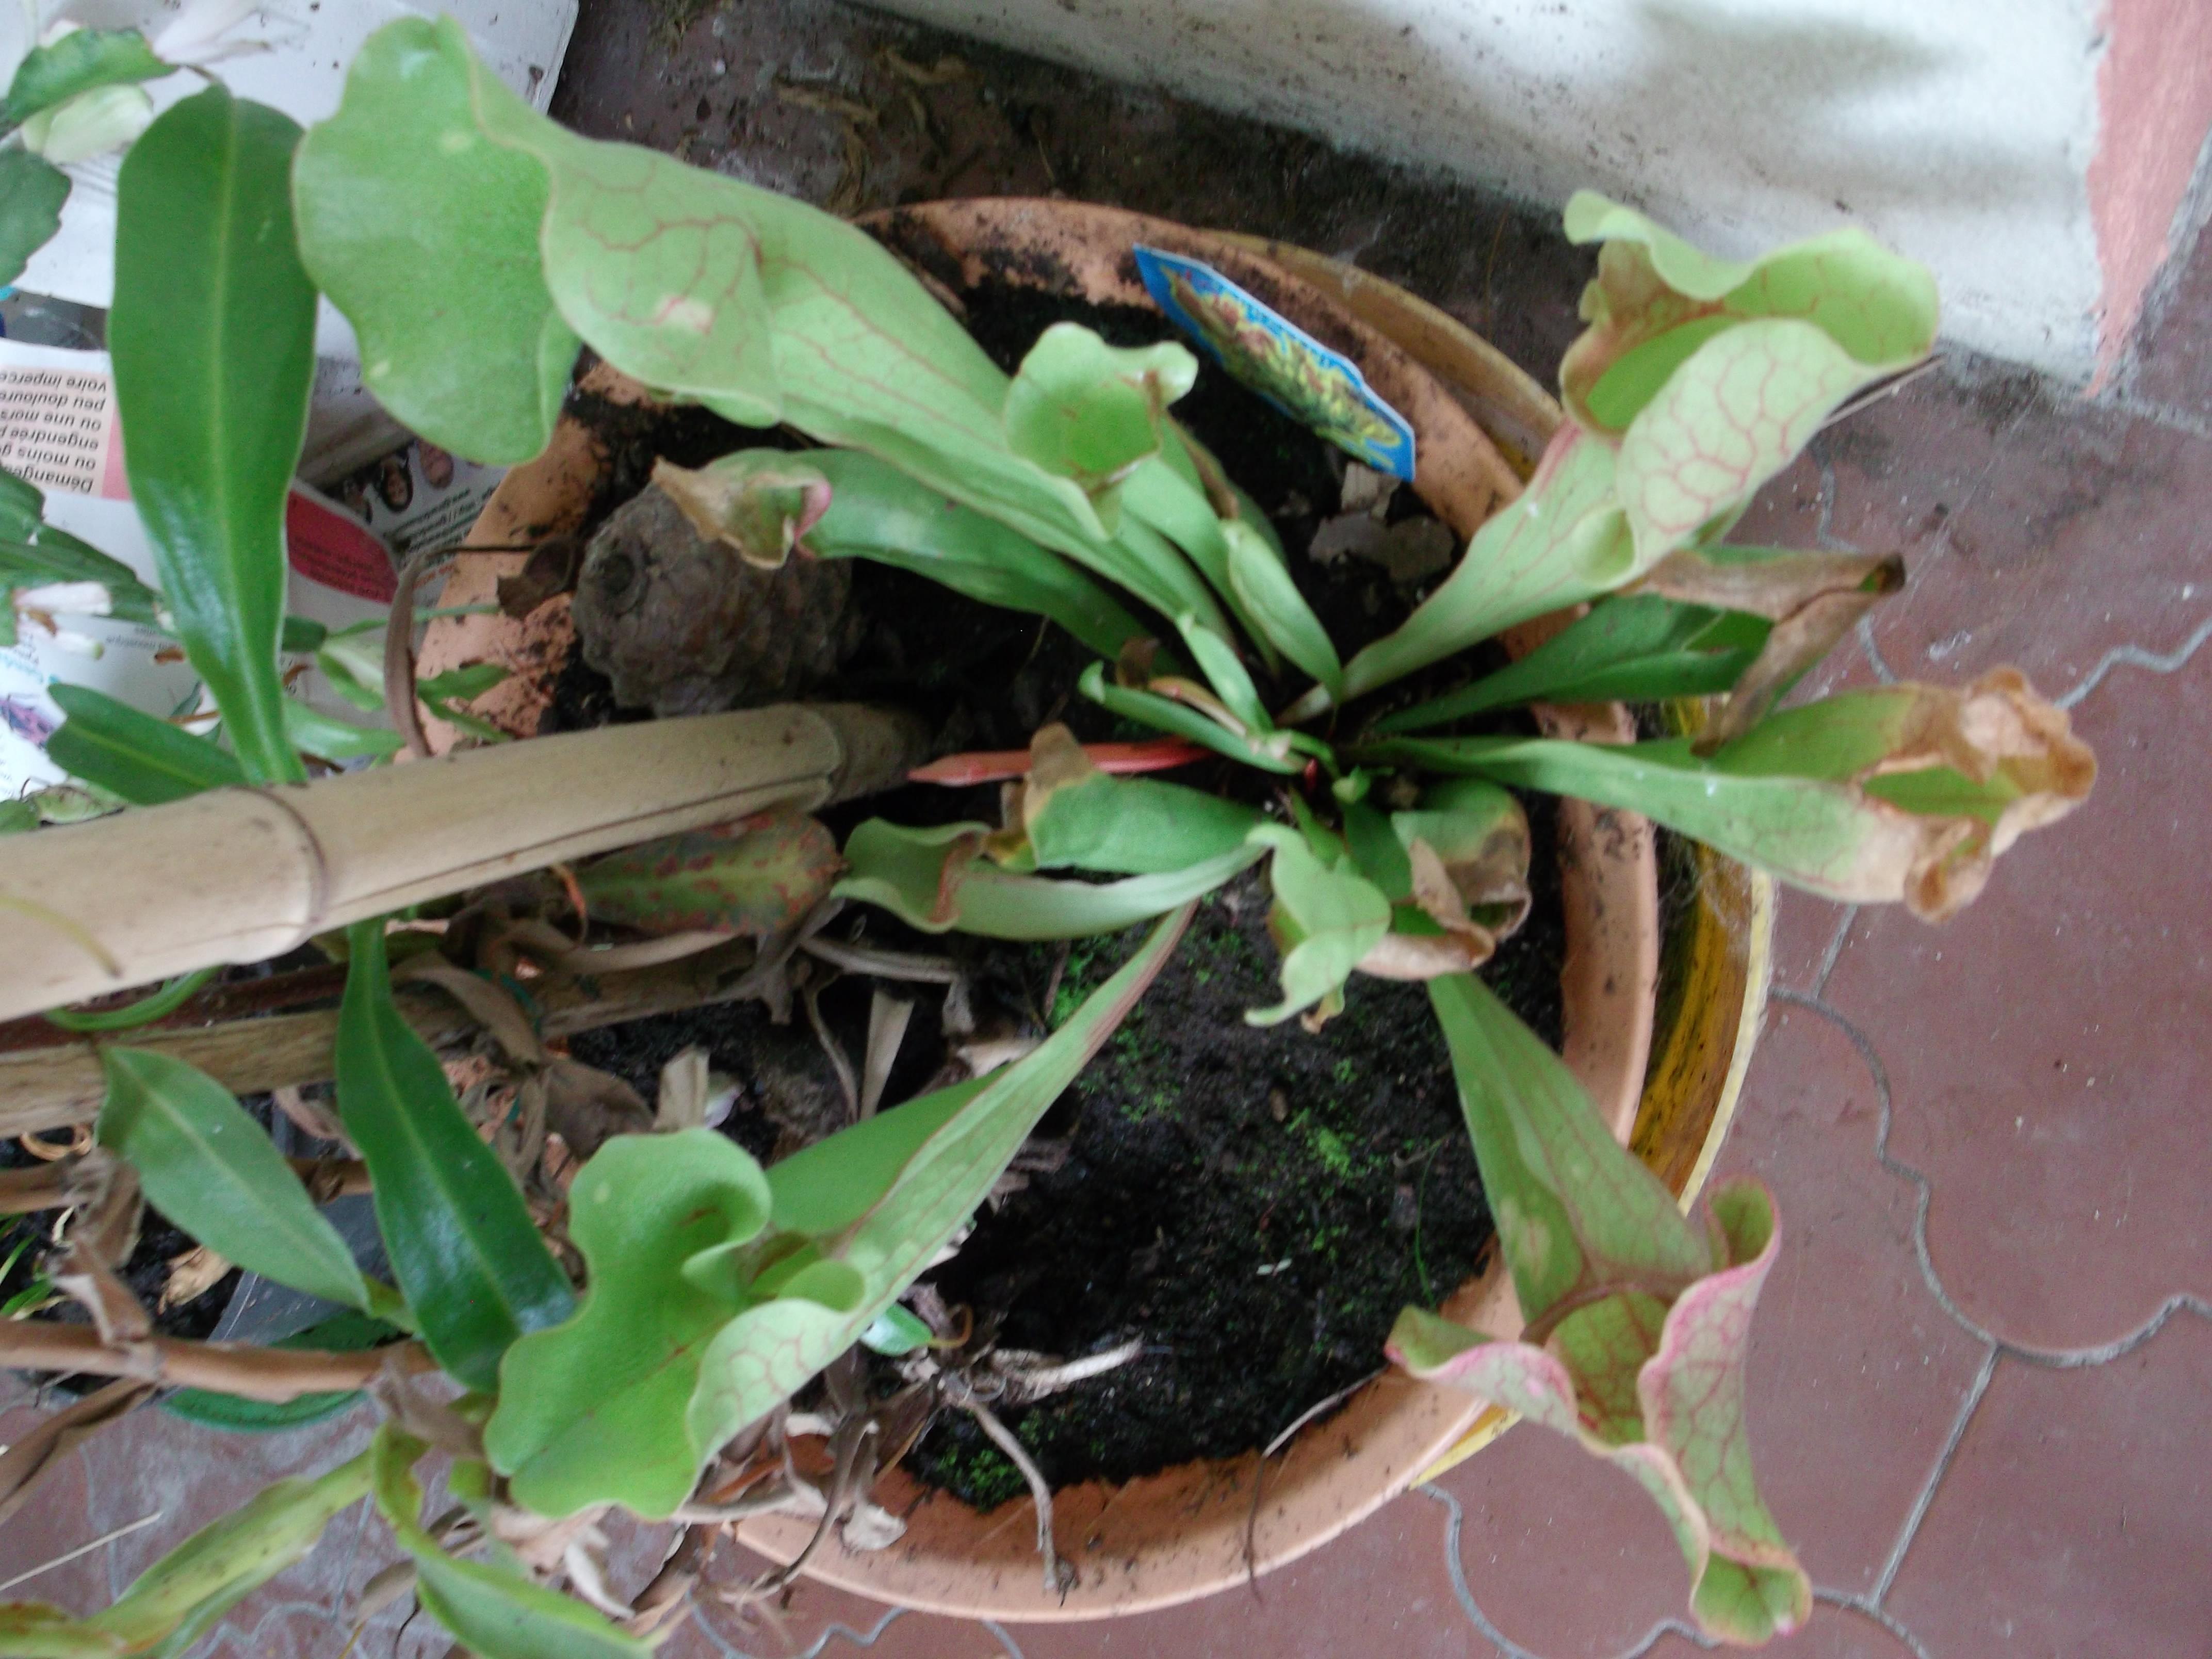 Sarracenias conseil jardinage application en for Conseil jardinage